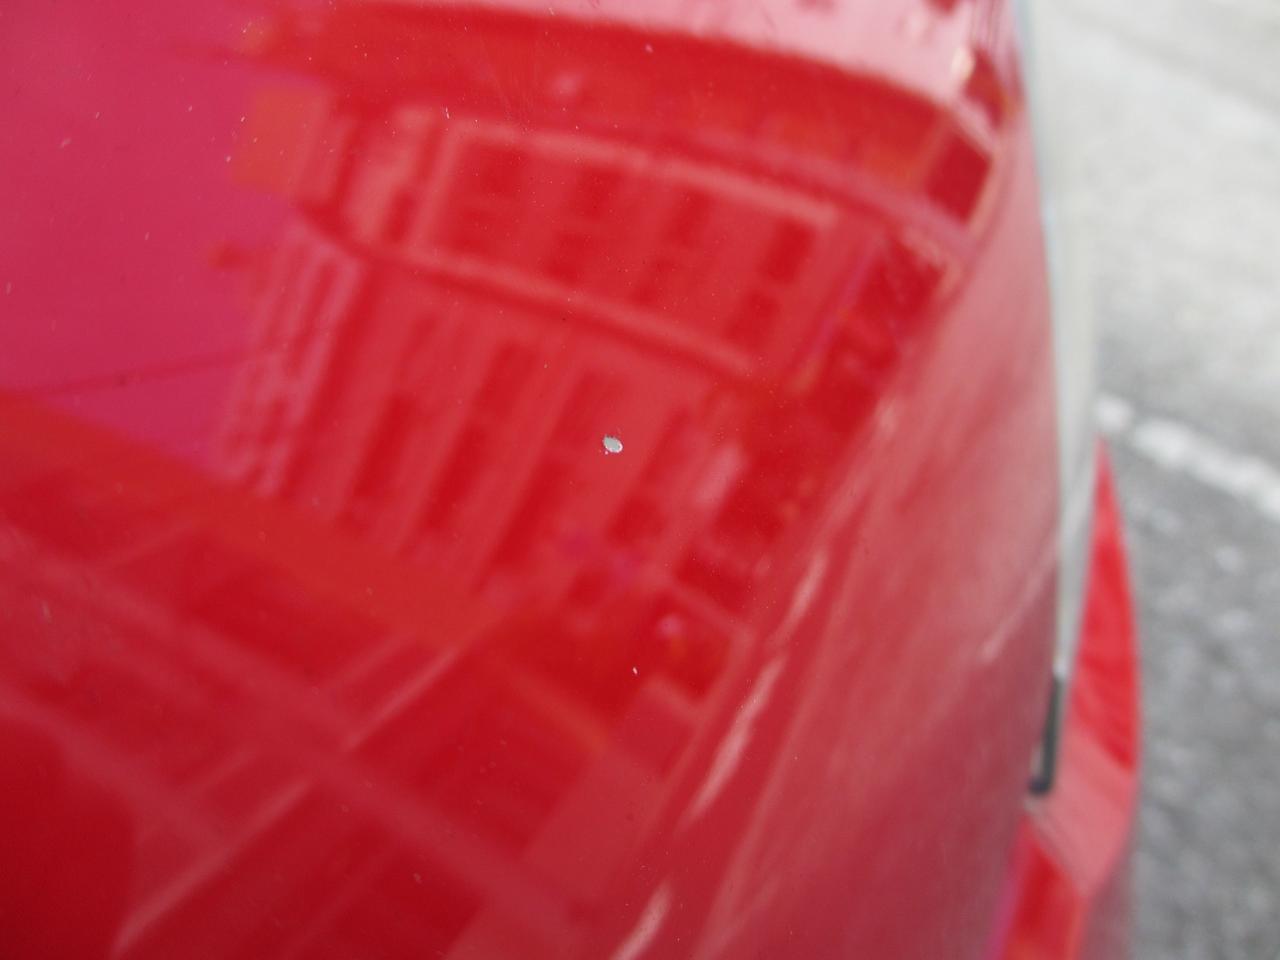 画像: MMアップ!号の洗車と掃除をしていて気が付いた、跳ね石によるボンネットのキズ(その1)。左ヘッドライト上方あたりで塗装が剝がれている。けっこう大きめの石が当たった感じだが、目立つほど凹んではいないのが幸いである。